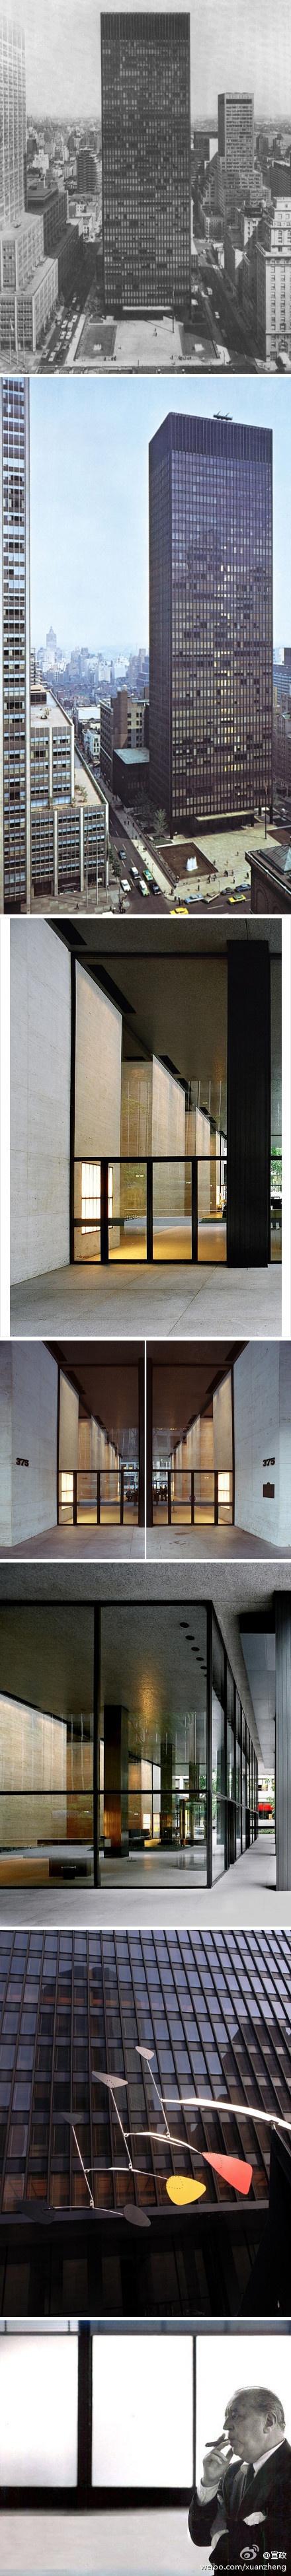 Seagram Building in New York